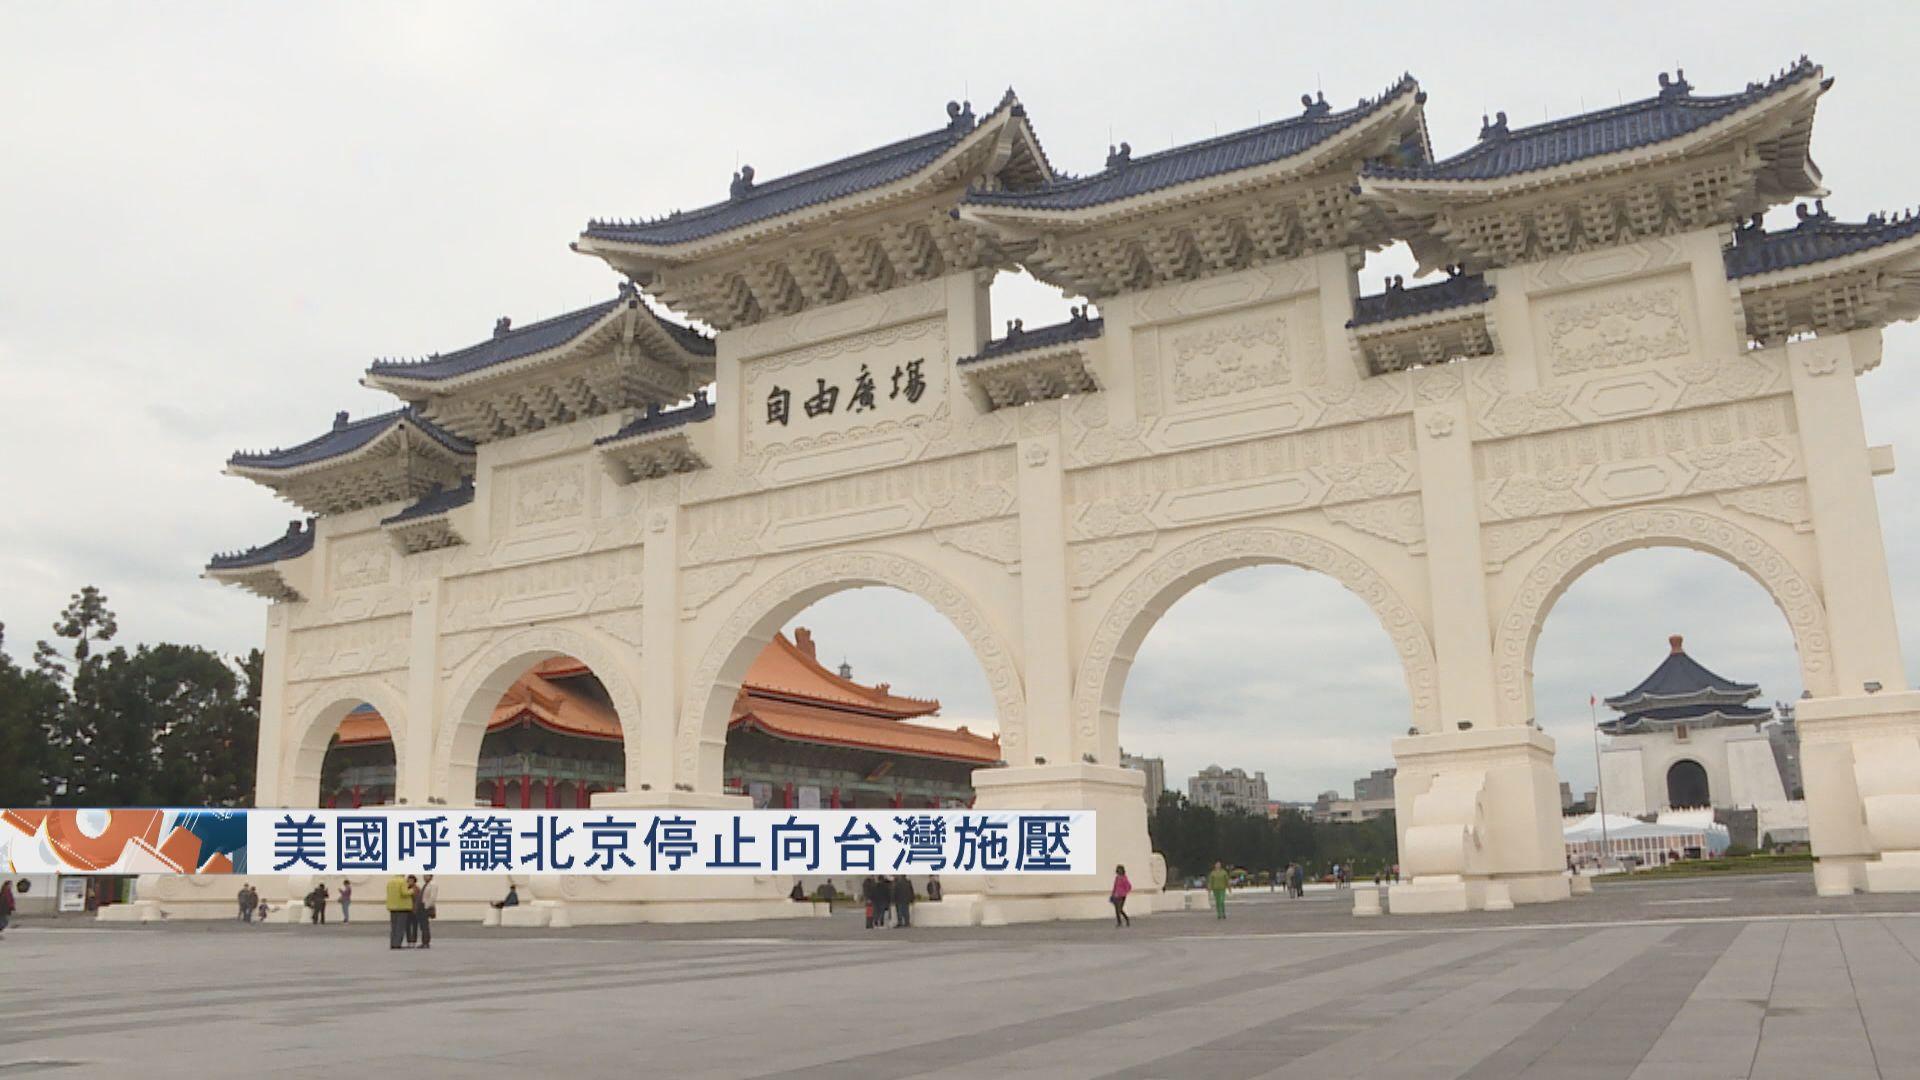 美國國務院呼籲北京停止向台灣施壓